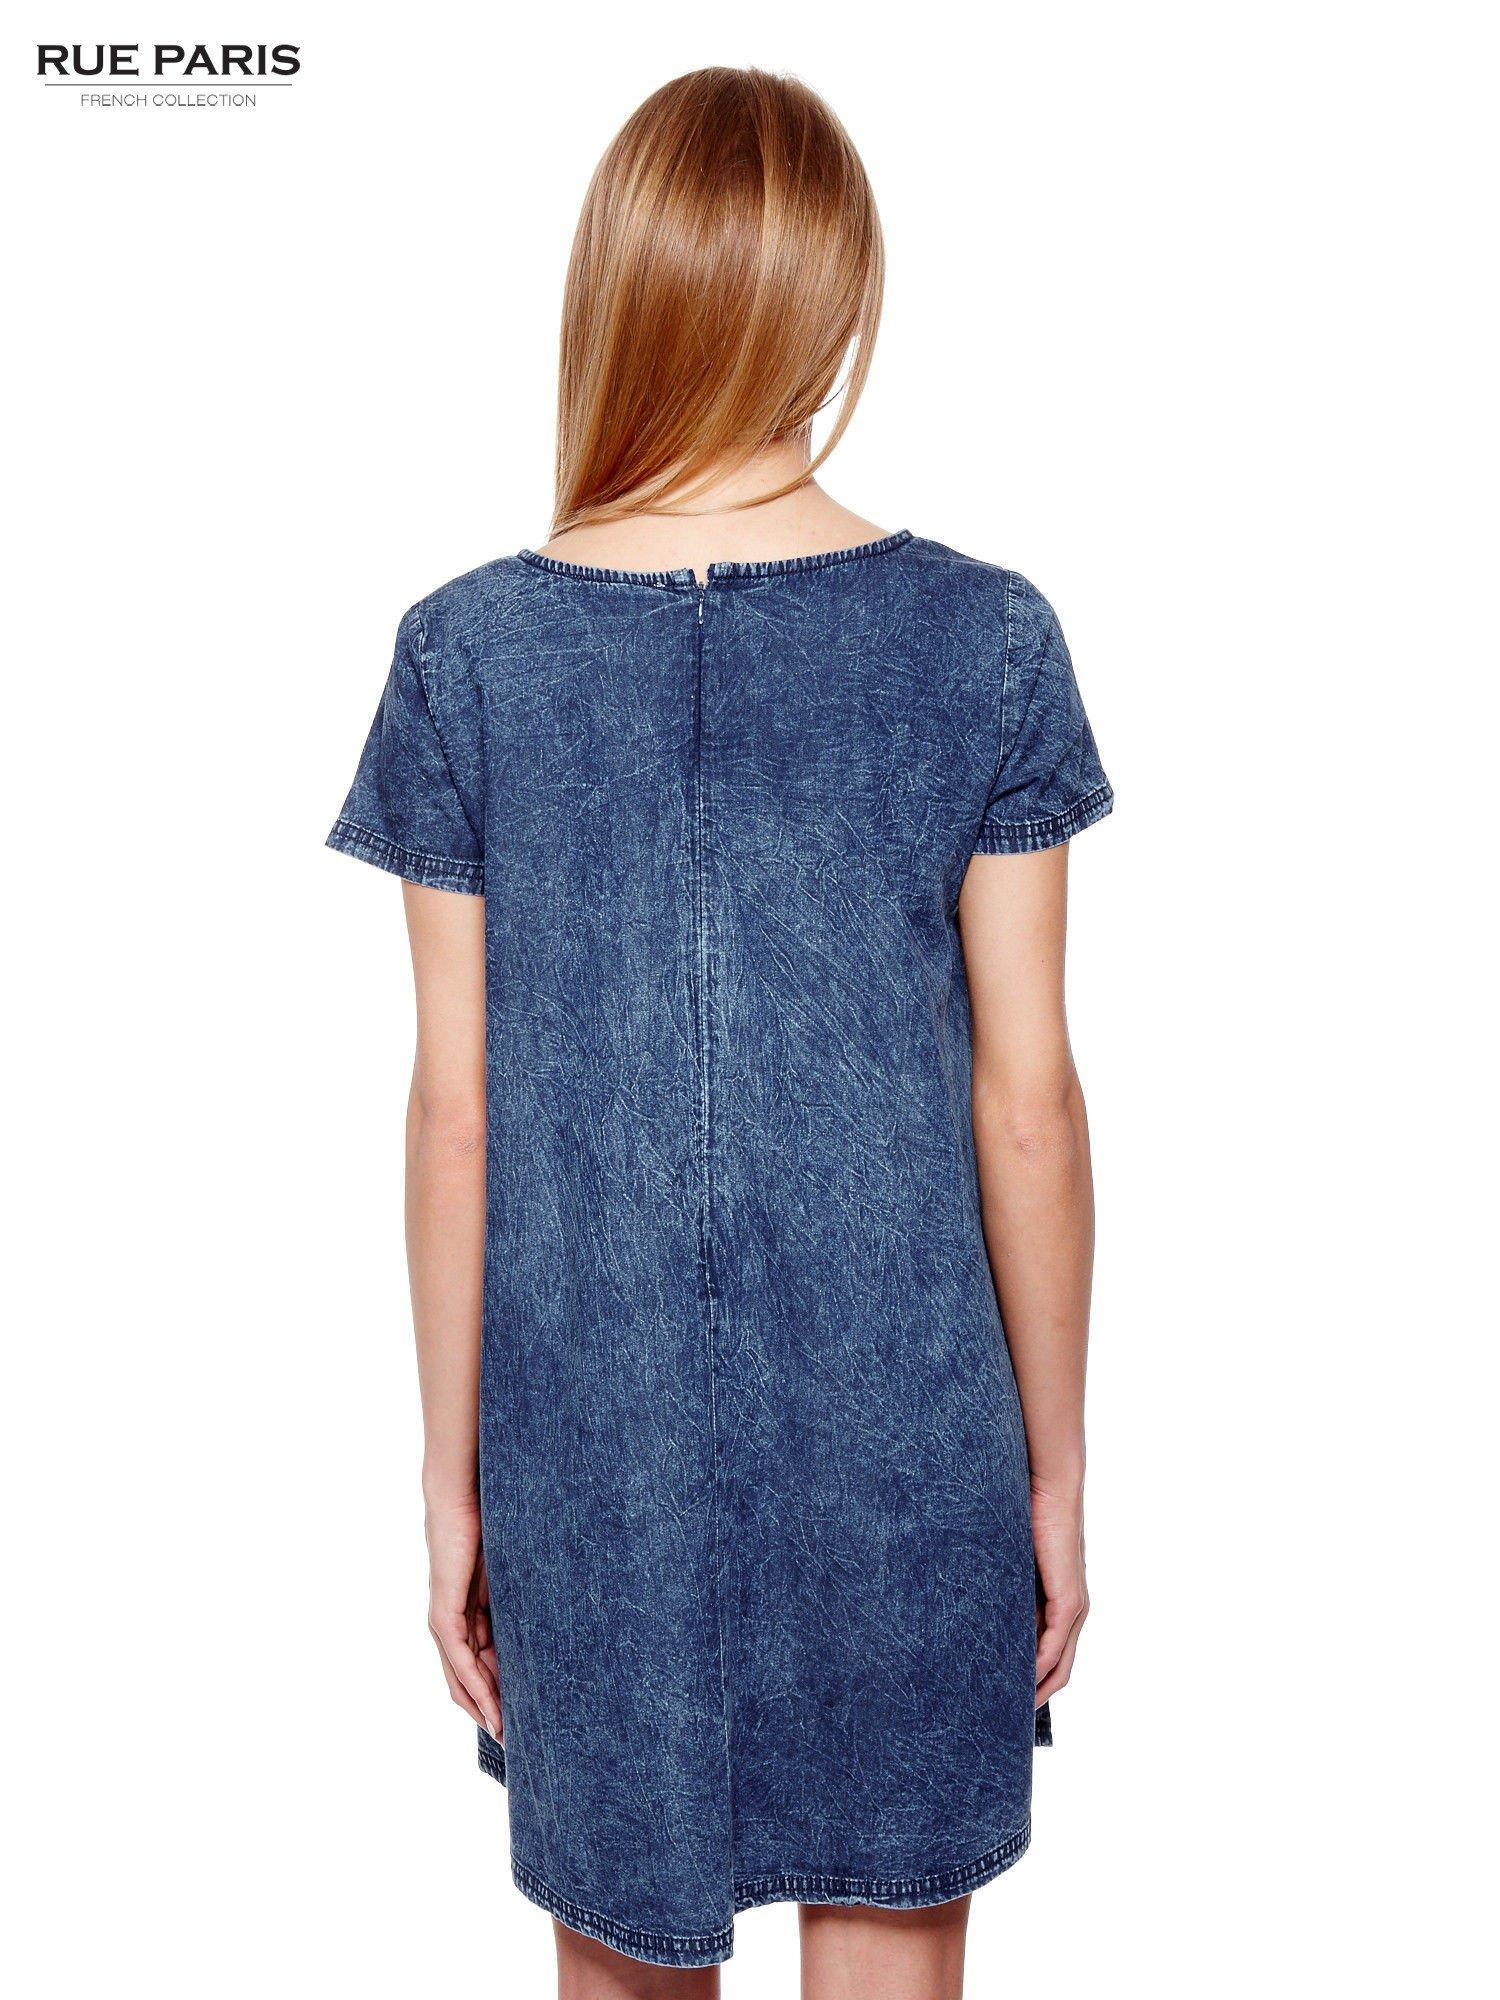 Niebieska prosta sukienka jeansowa z efektem marmurkowym                                  zdj.                                  4